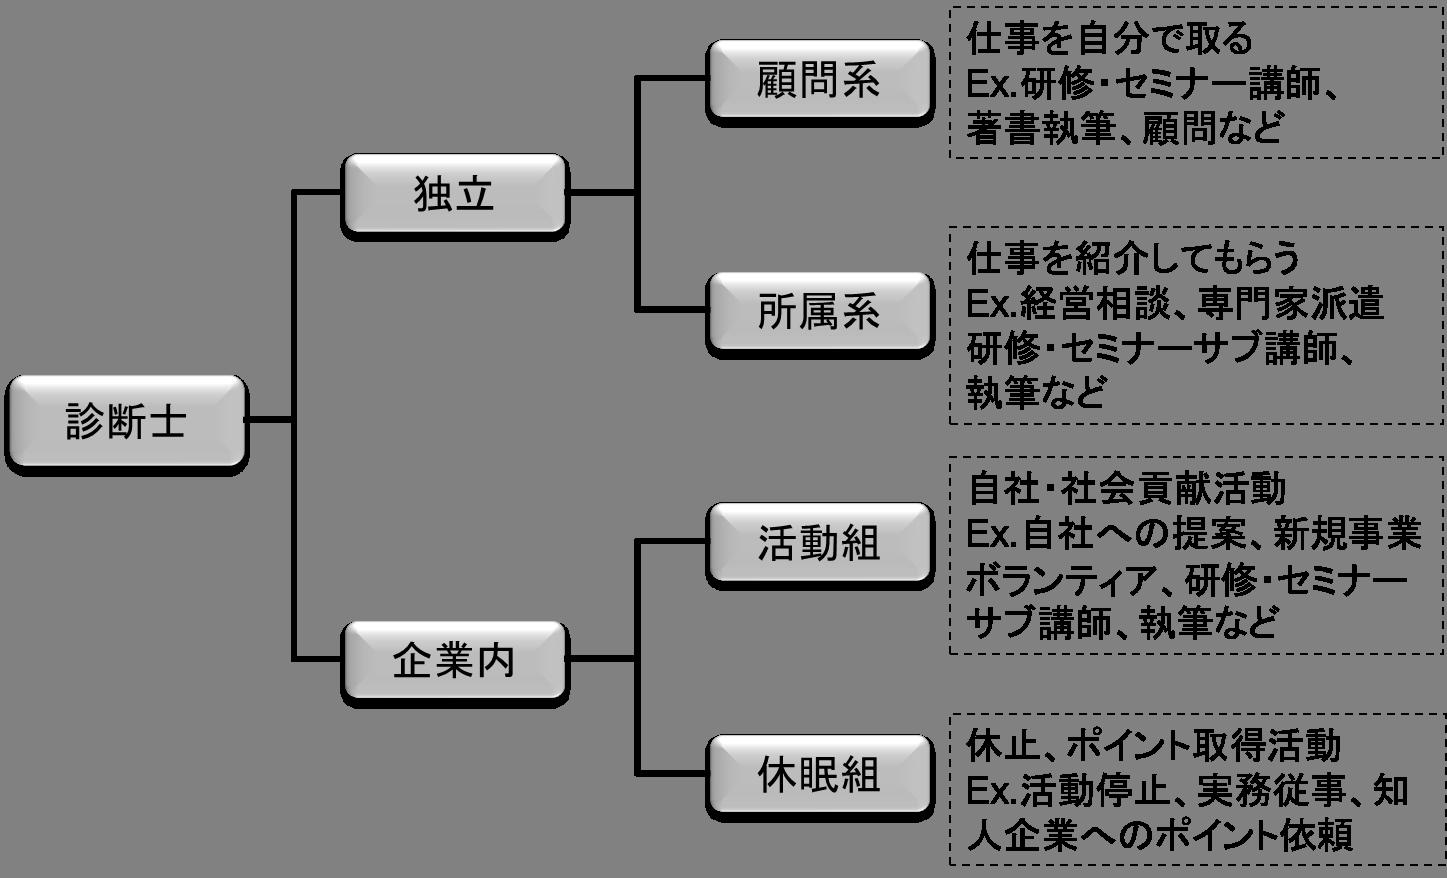 診断士の分類